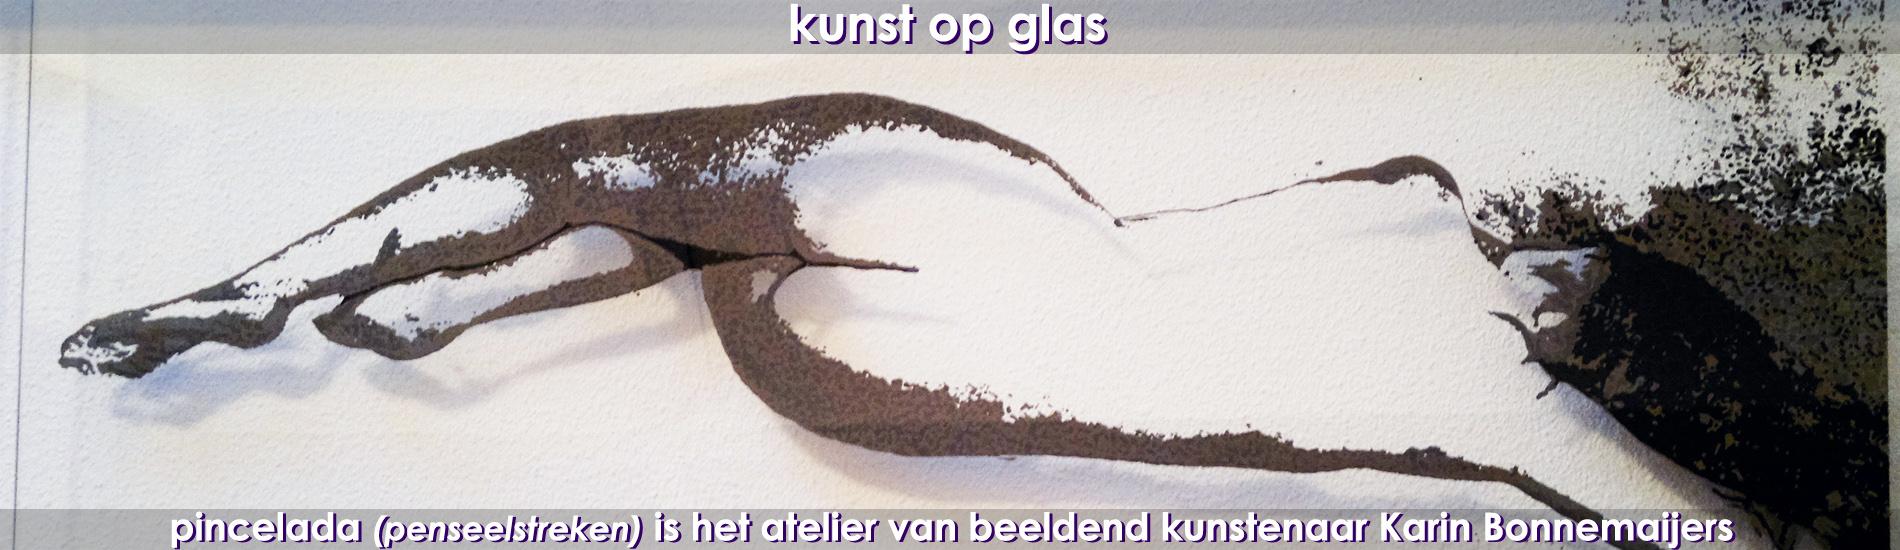 kunst op glas